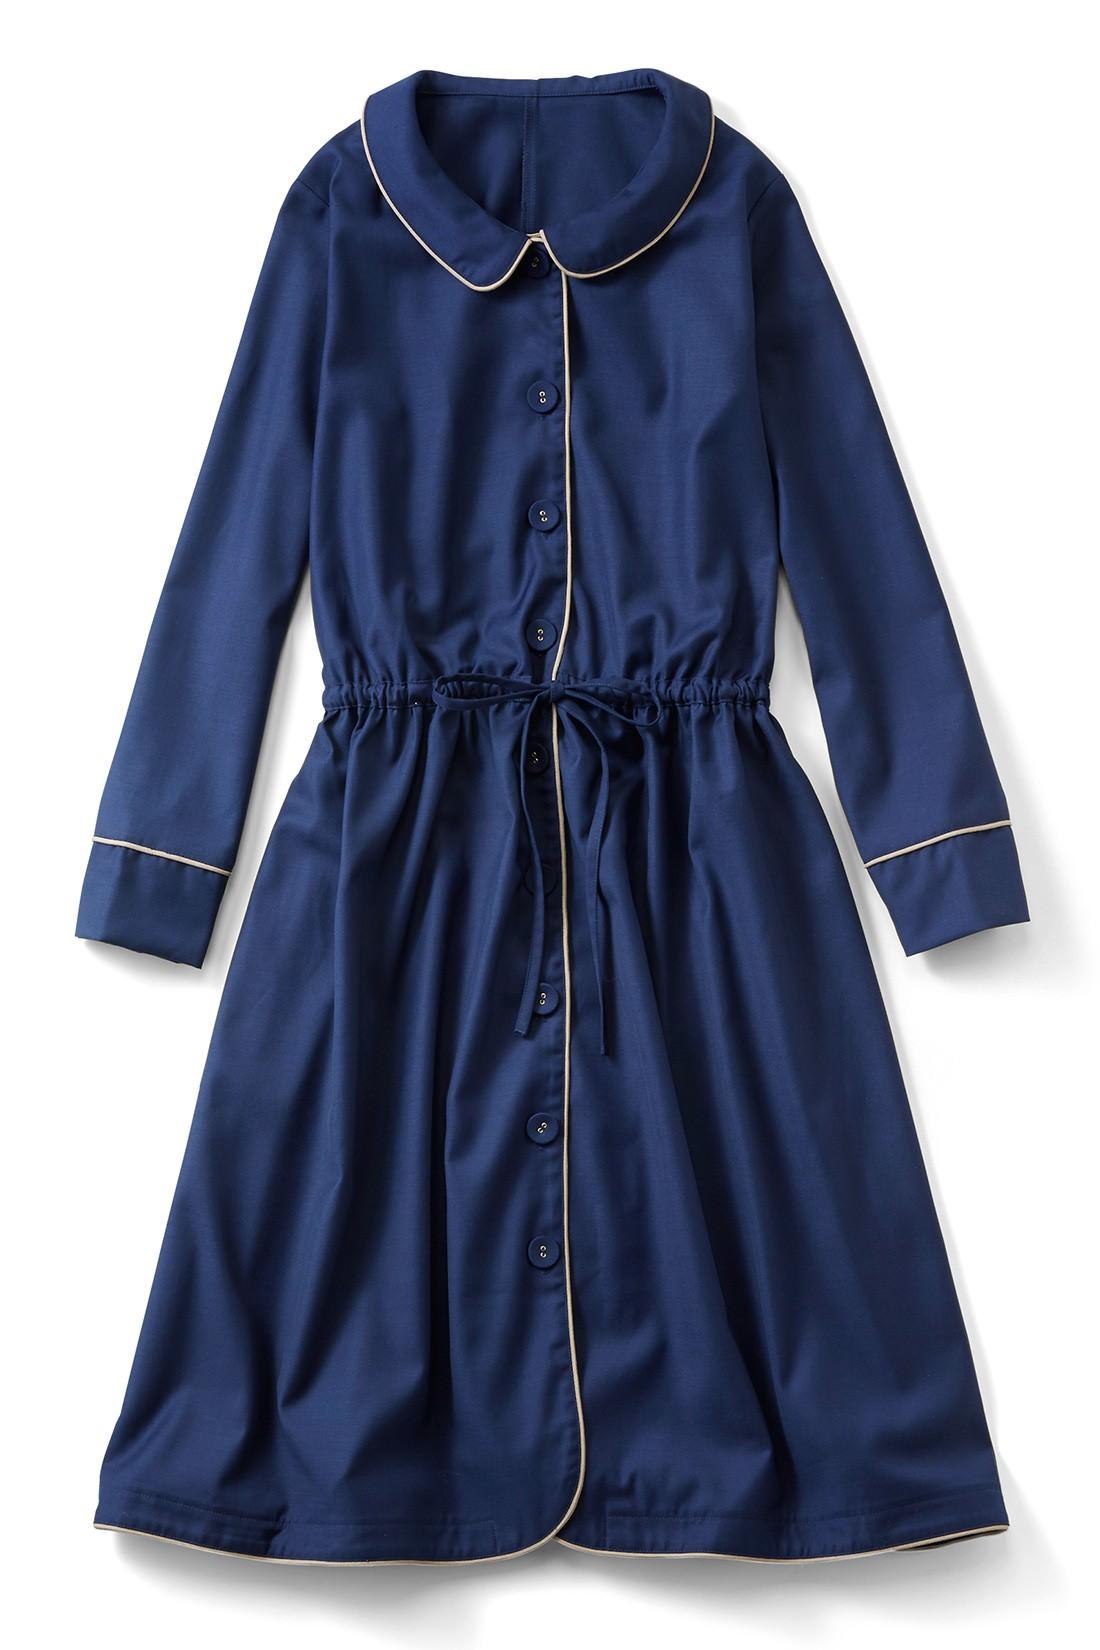 """シンプルなデザインなのにパイピングだけでパジャマ風に見えちゃうから不思議。スカートのボリューム感が""""ワンピース""""に見えるポイント。"""